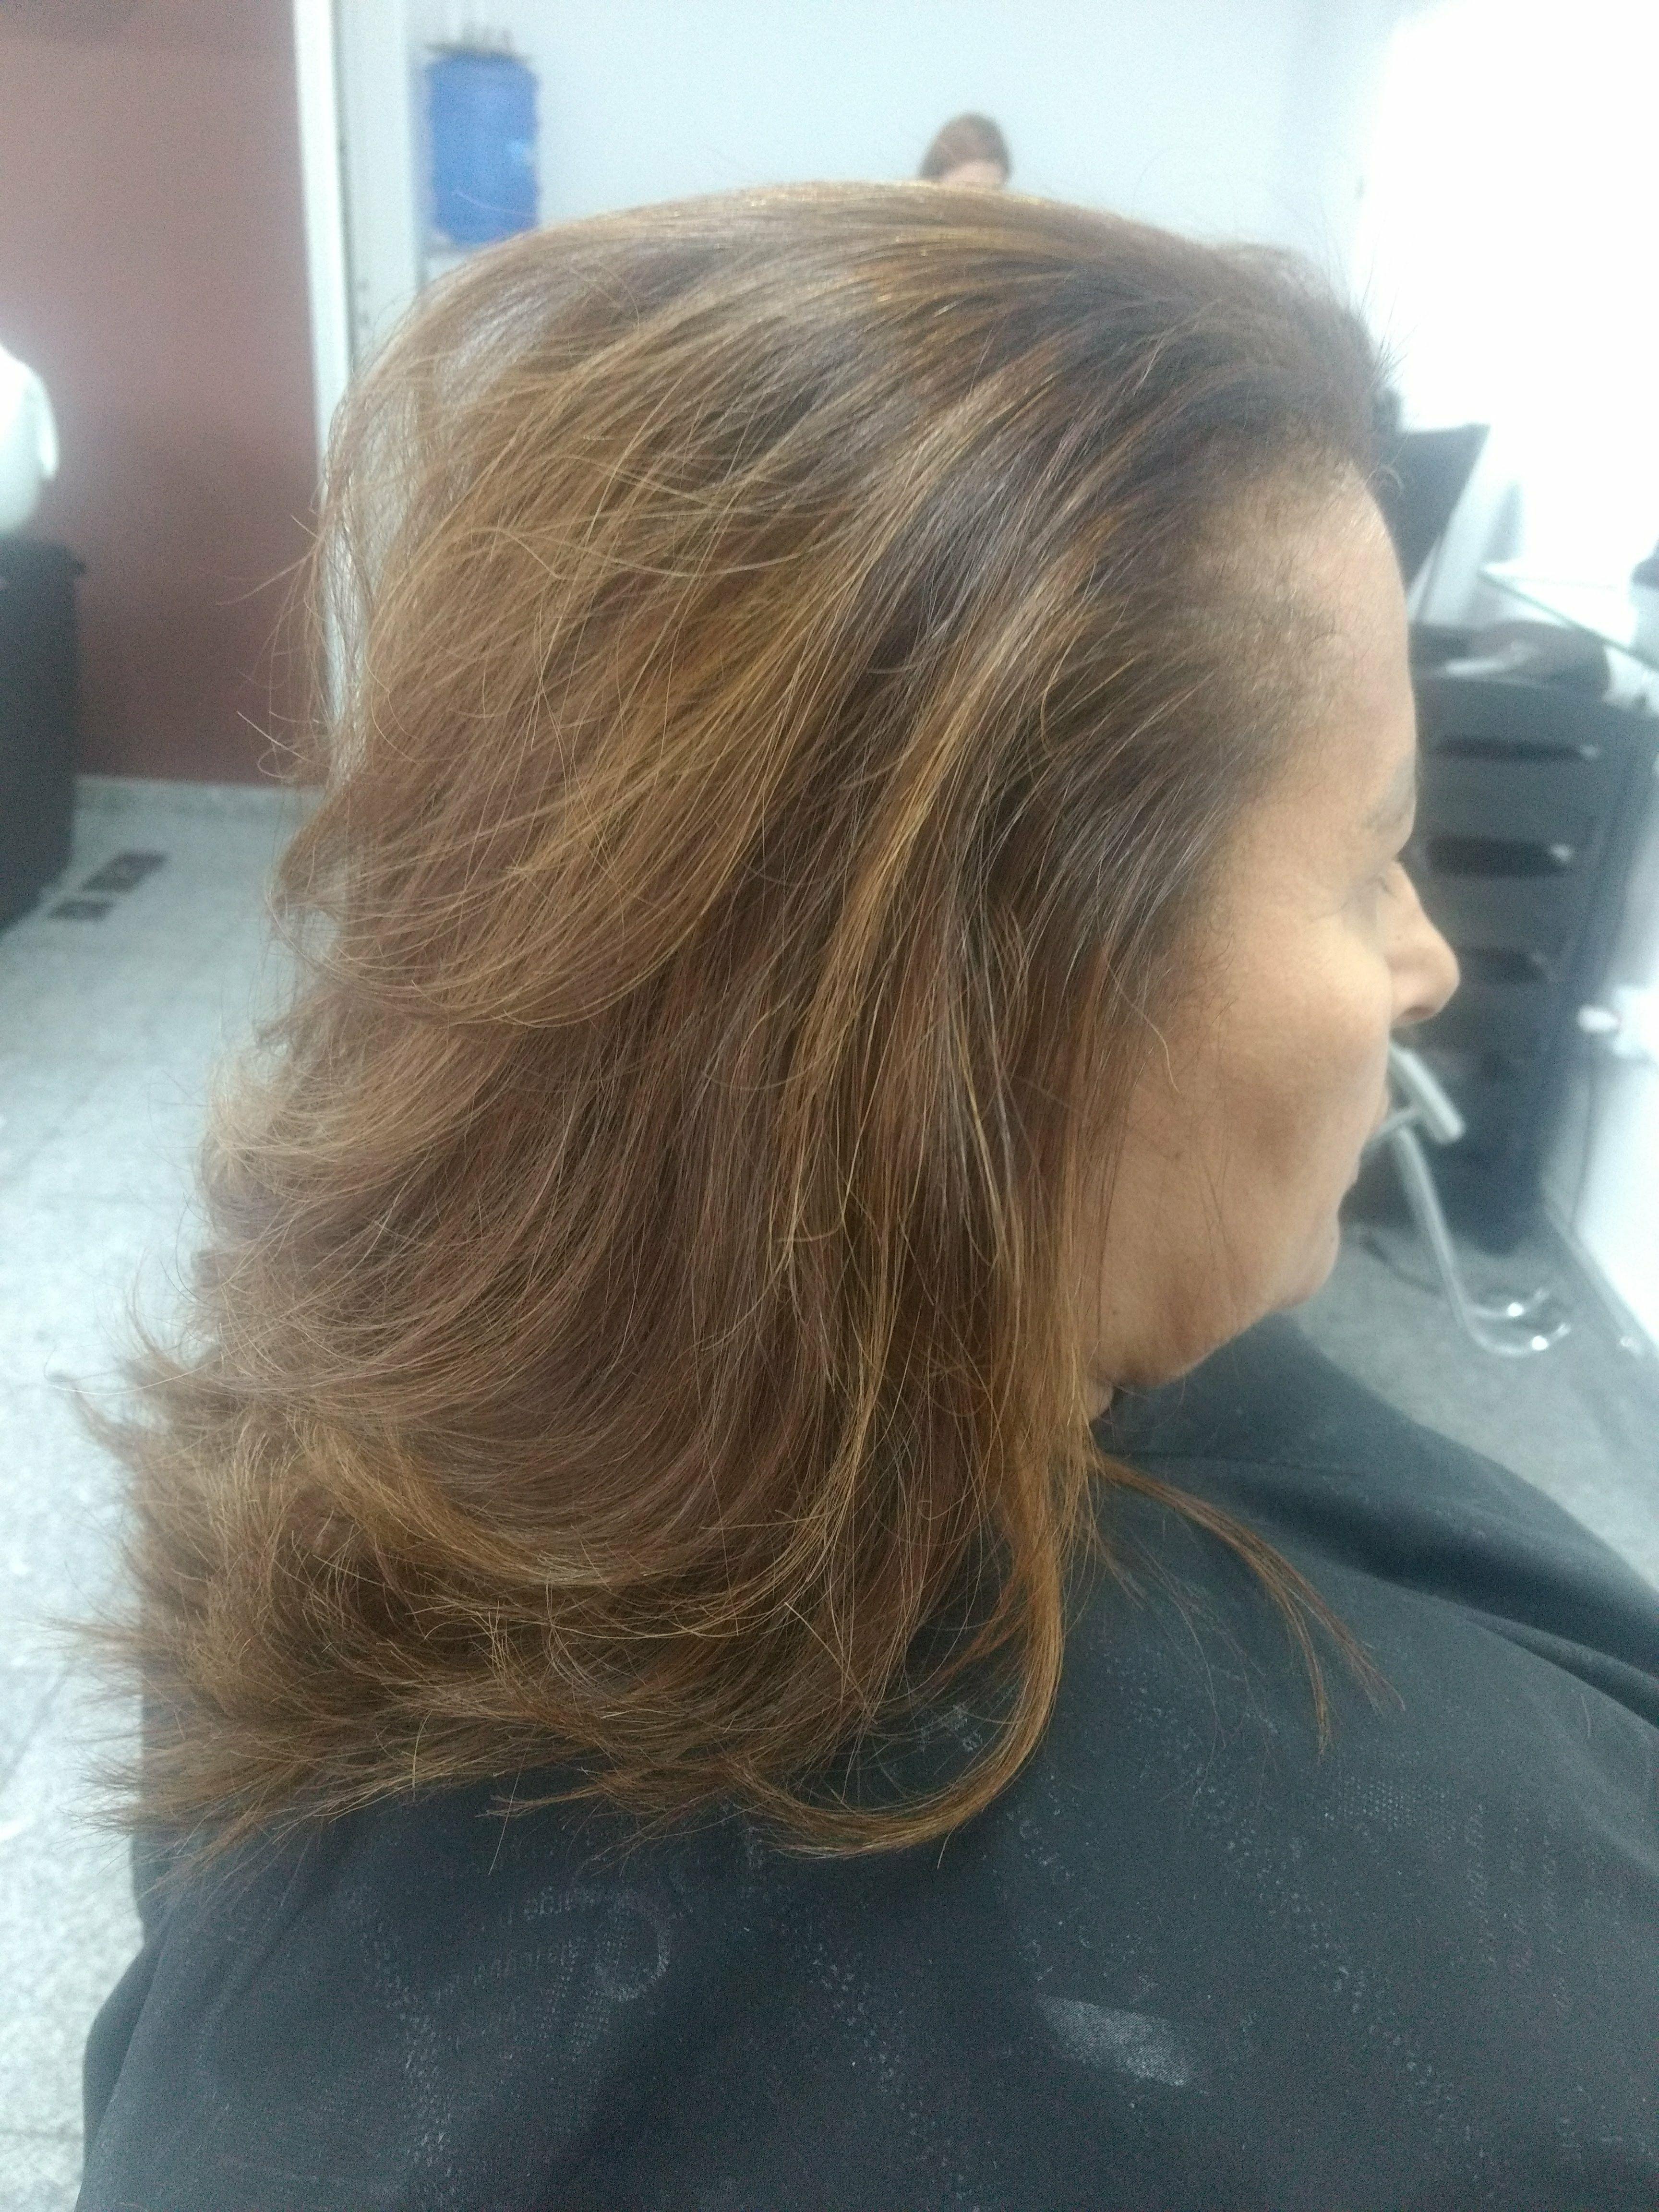 Morena ilimitada a nova sensação para quem quer dá uma iluminada sem agredir muito os fios, chique e armonico. cabeleireiro(a)